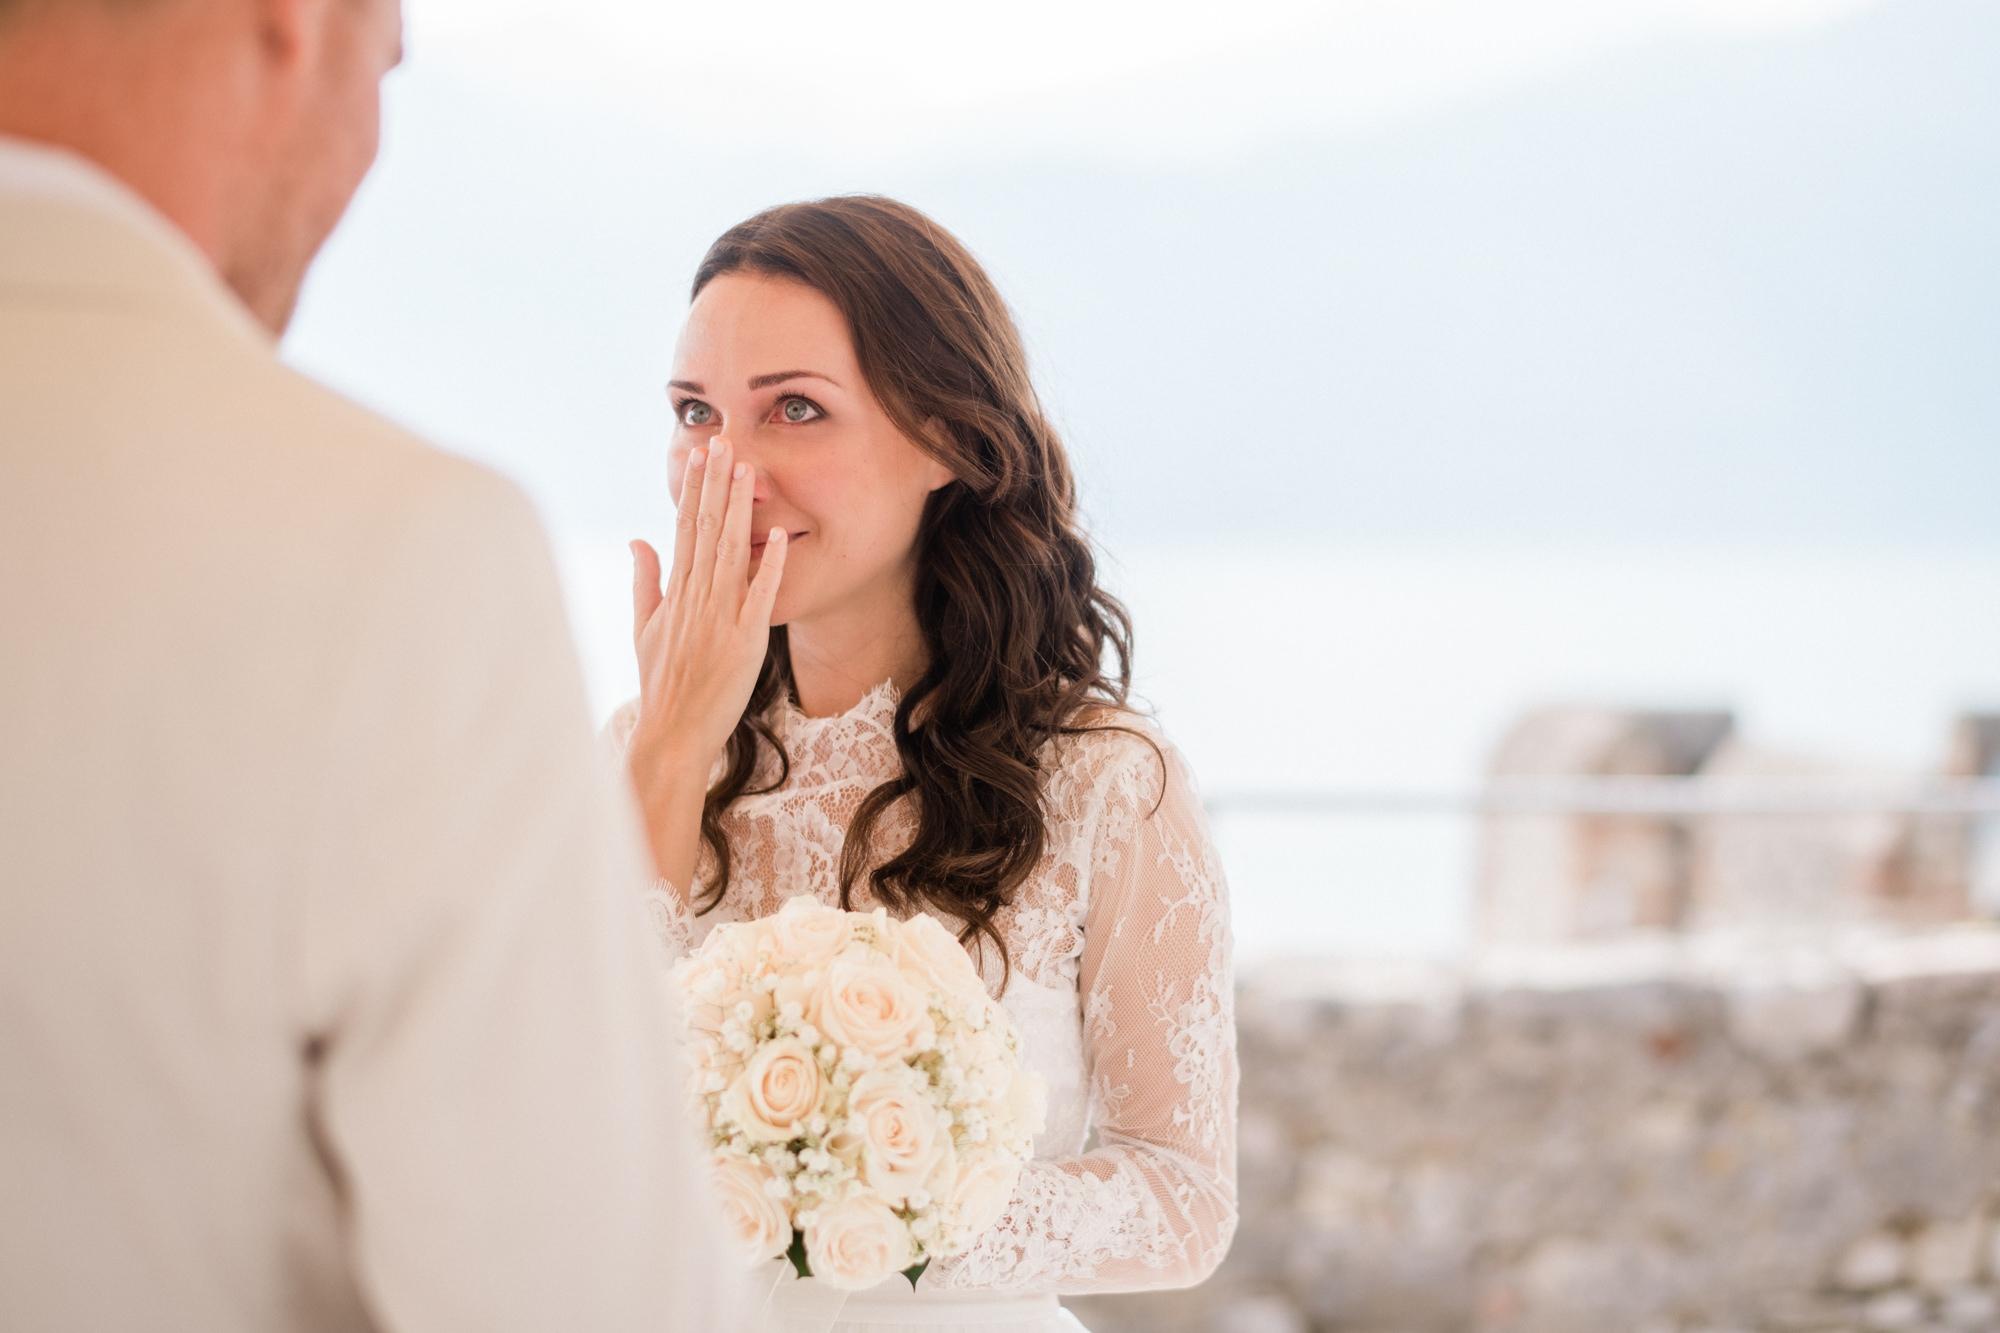 Elopement in Lake Garda, Wedding Lake Garda, Wedding Photographer Lake Garda, Wedding Photographer Malcesine, Elopement in Malcesine, Wedding in Malcesine, Wedding Castle Malcesine, Wedding in the Castle of Malcesine